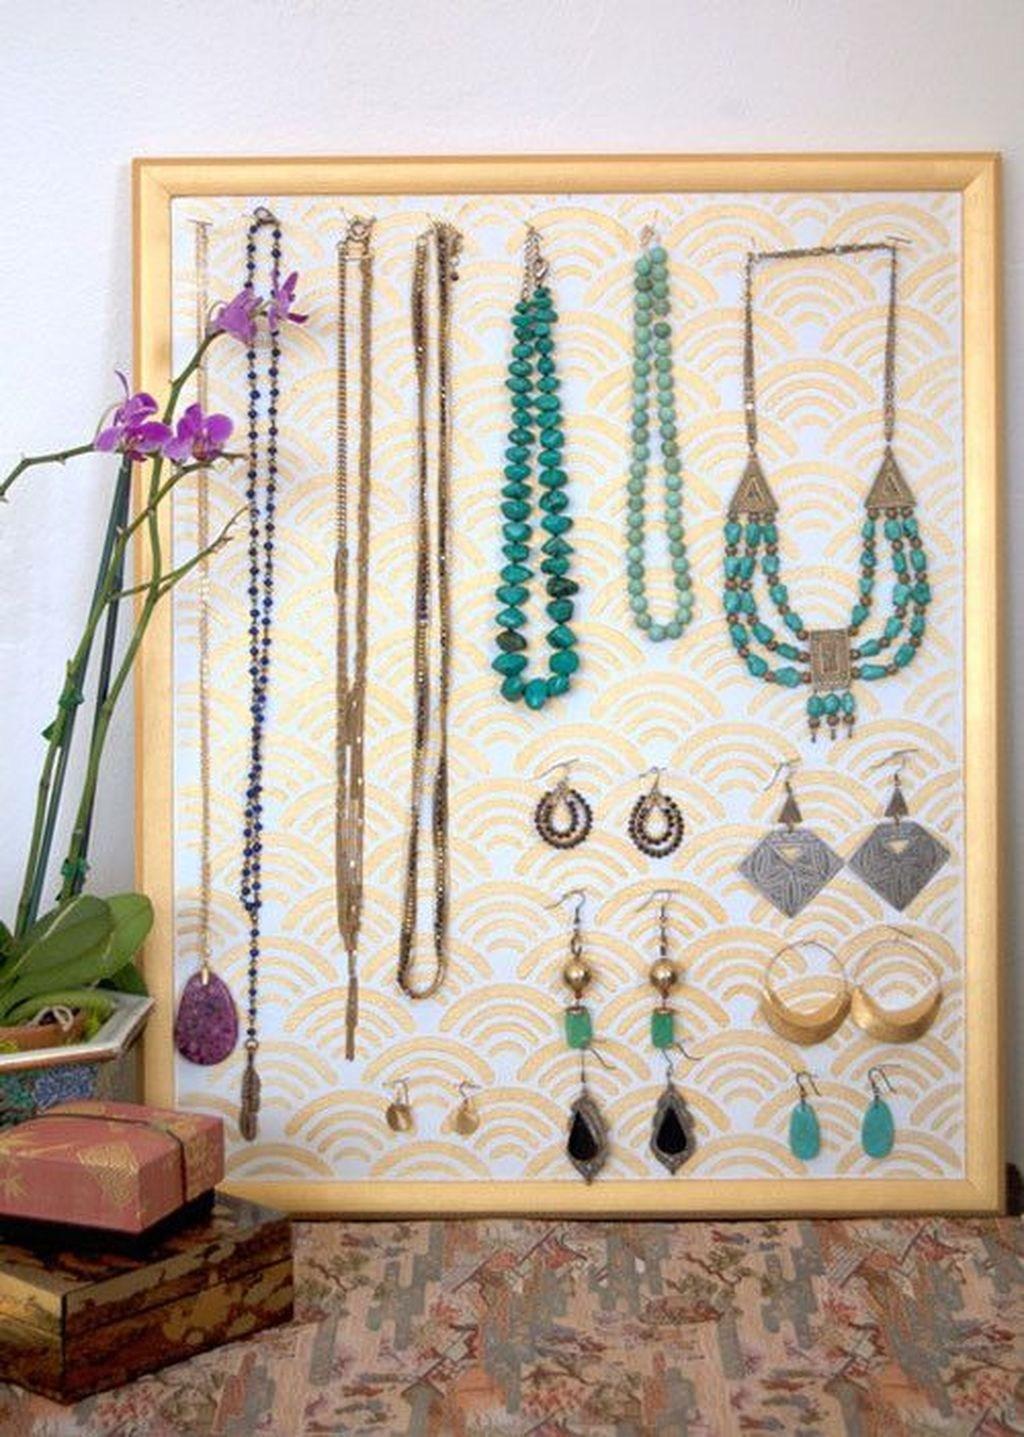 48 Cute Creative Cork Furniture Accessories Ideas - TREND4HOMY